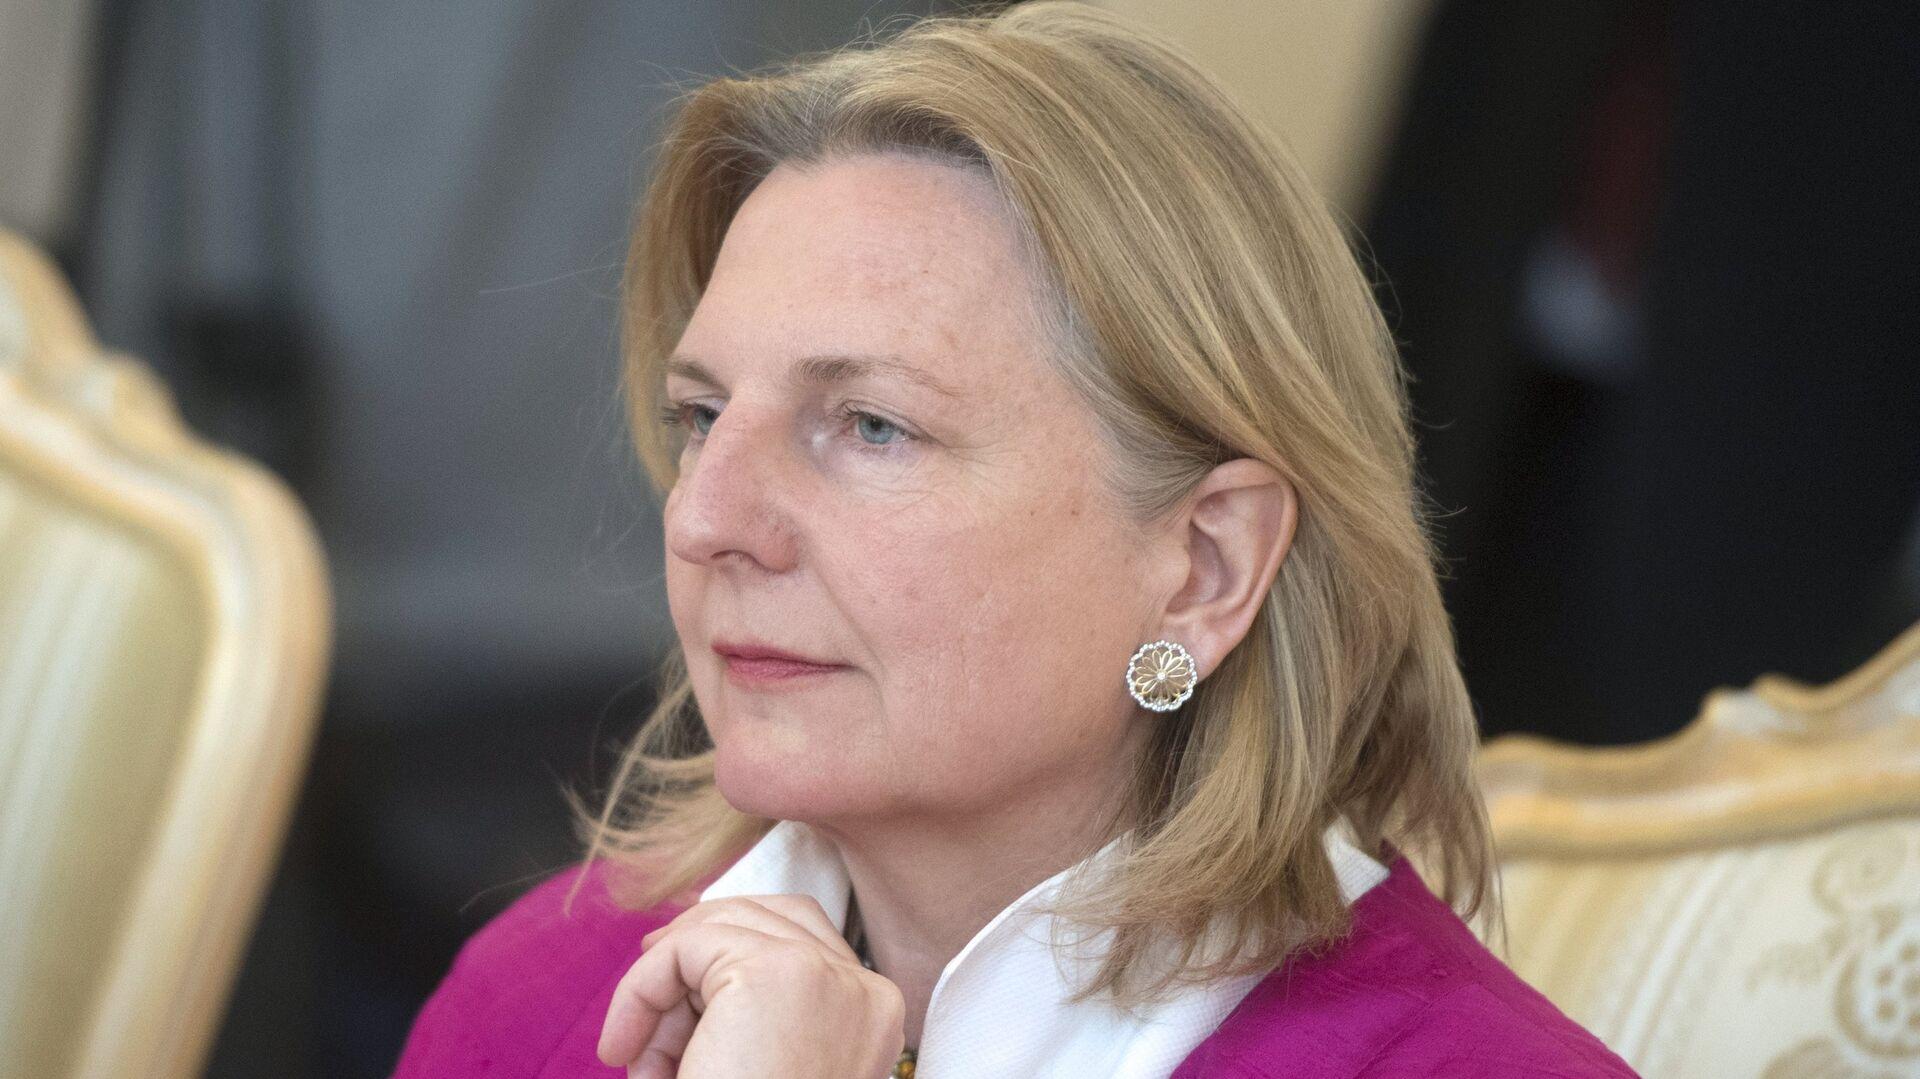 Karin Kneissl, la ministra austriaca de Exteriores - Sputnik Mundo, 1920, 07.06.2021